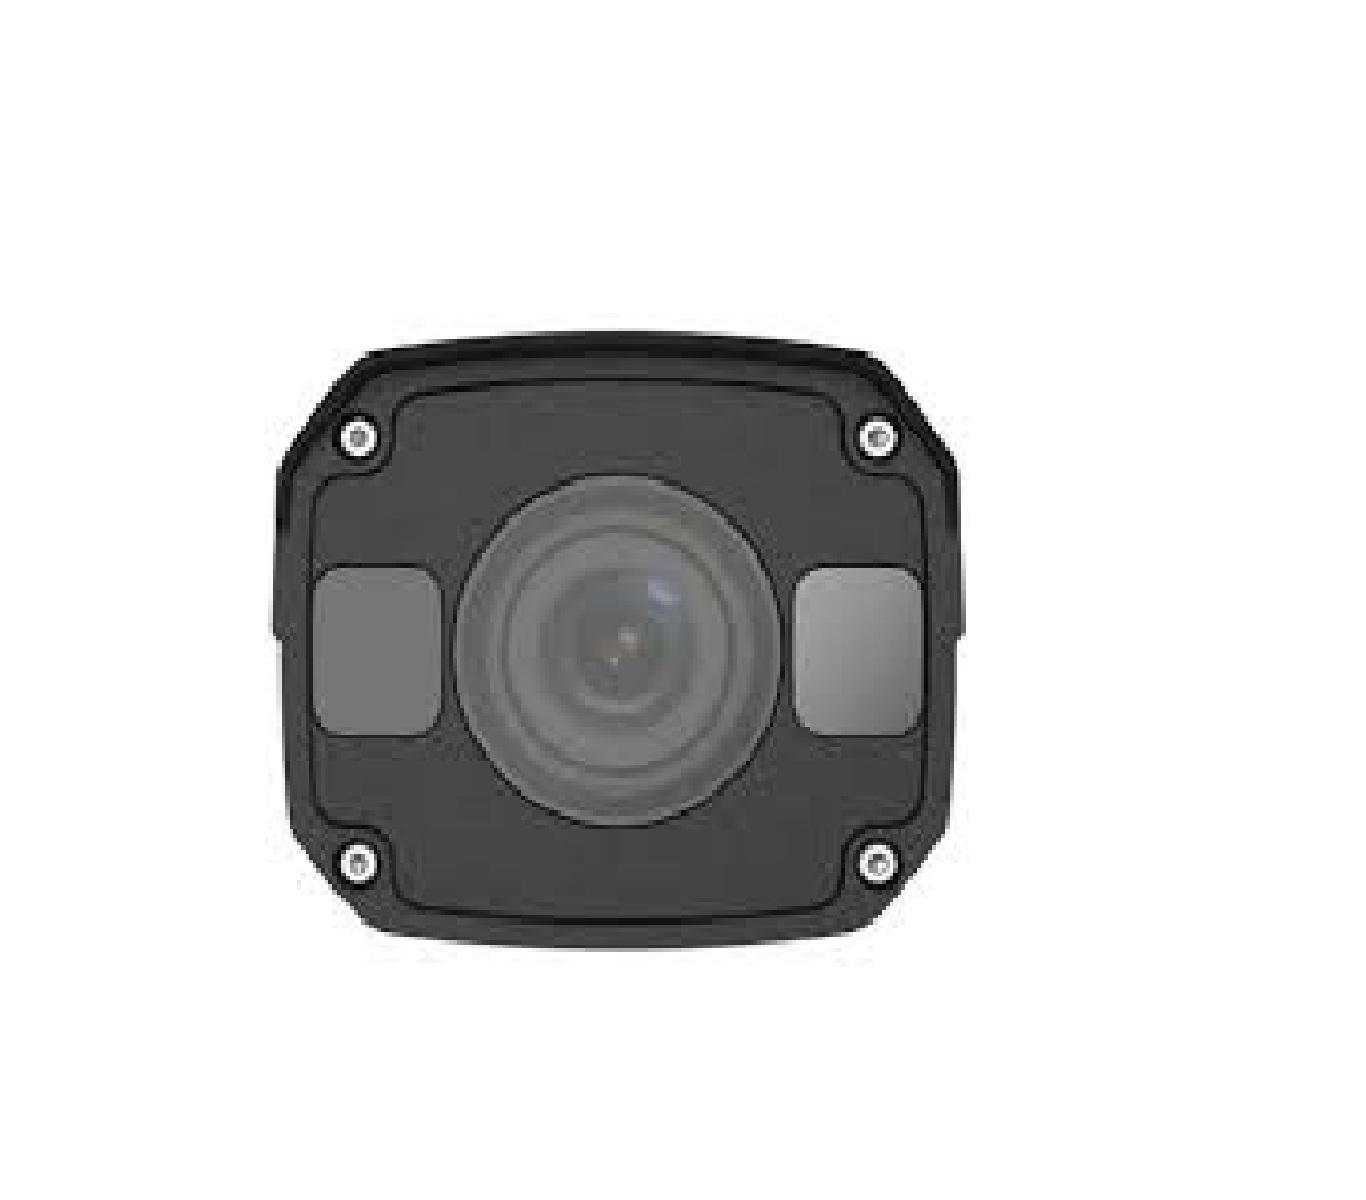 Camera IP thân hồng ngoại IPC2122LR3-PF40-C